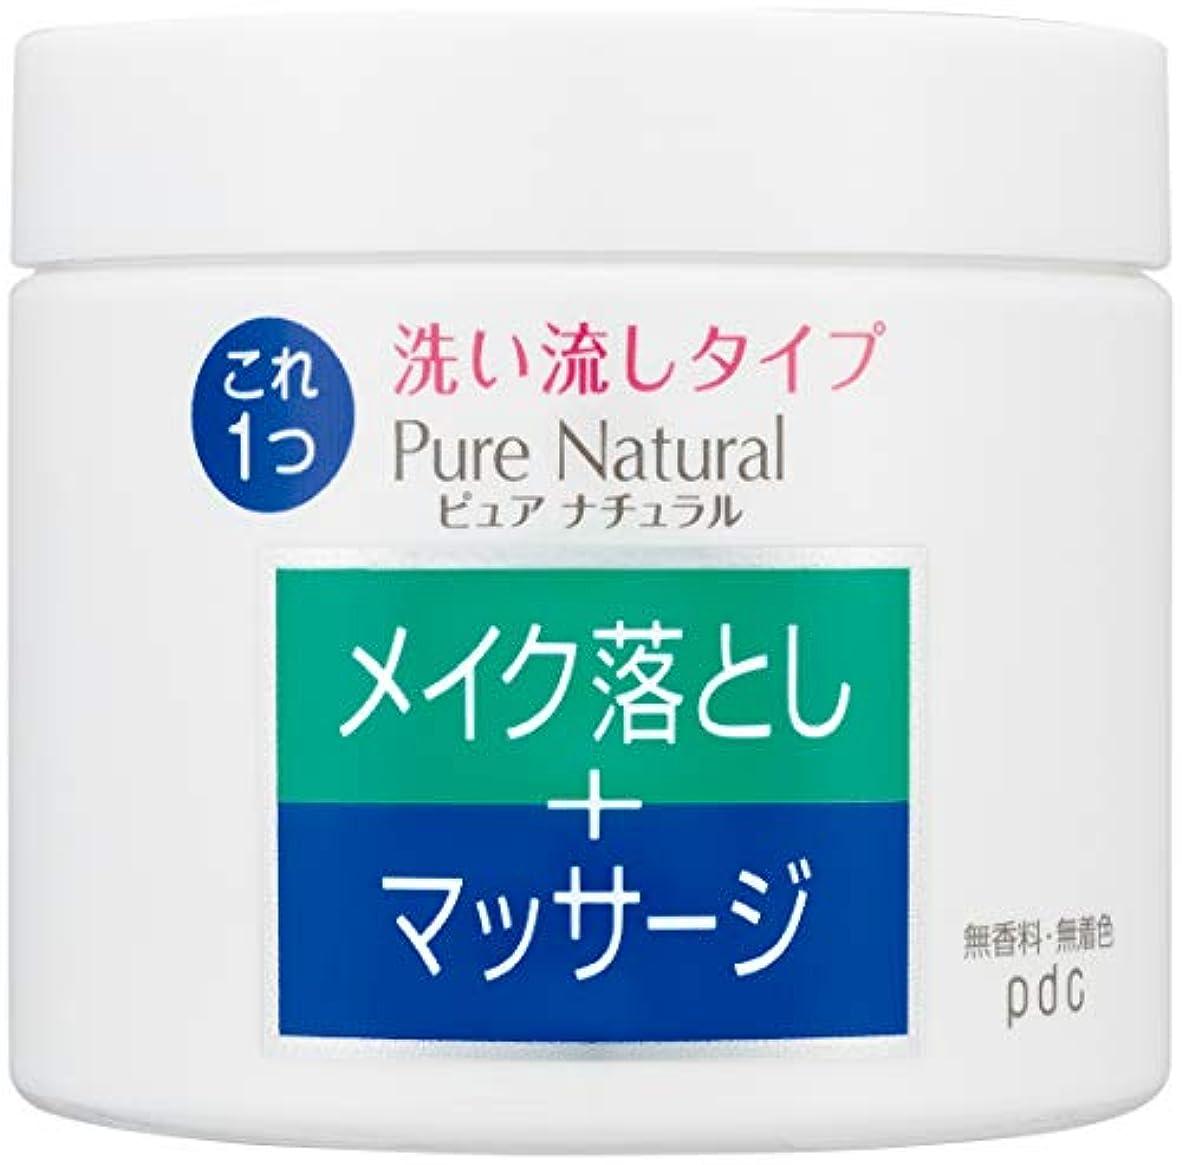 乱雑な北啓示Pure NATURAL(ピュアナチュラル) マッサージクレンジング 170g